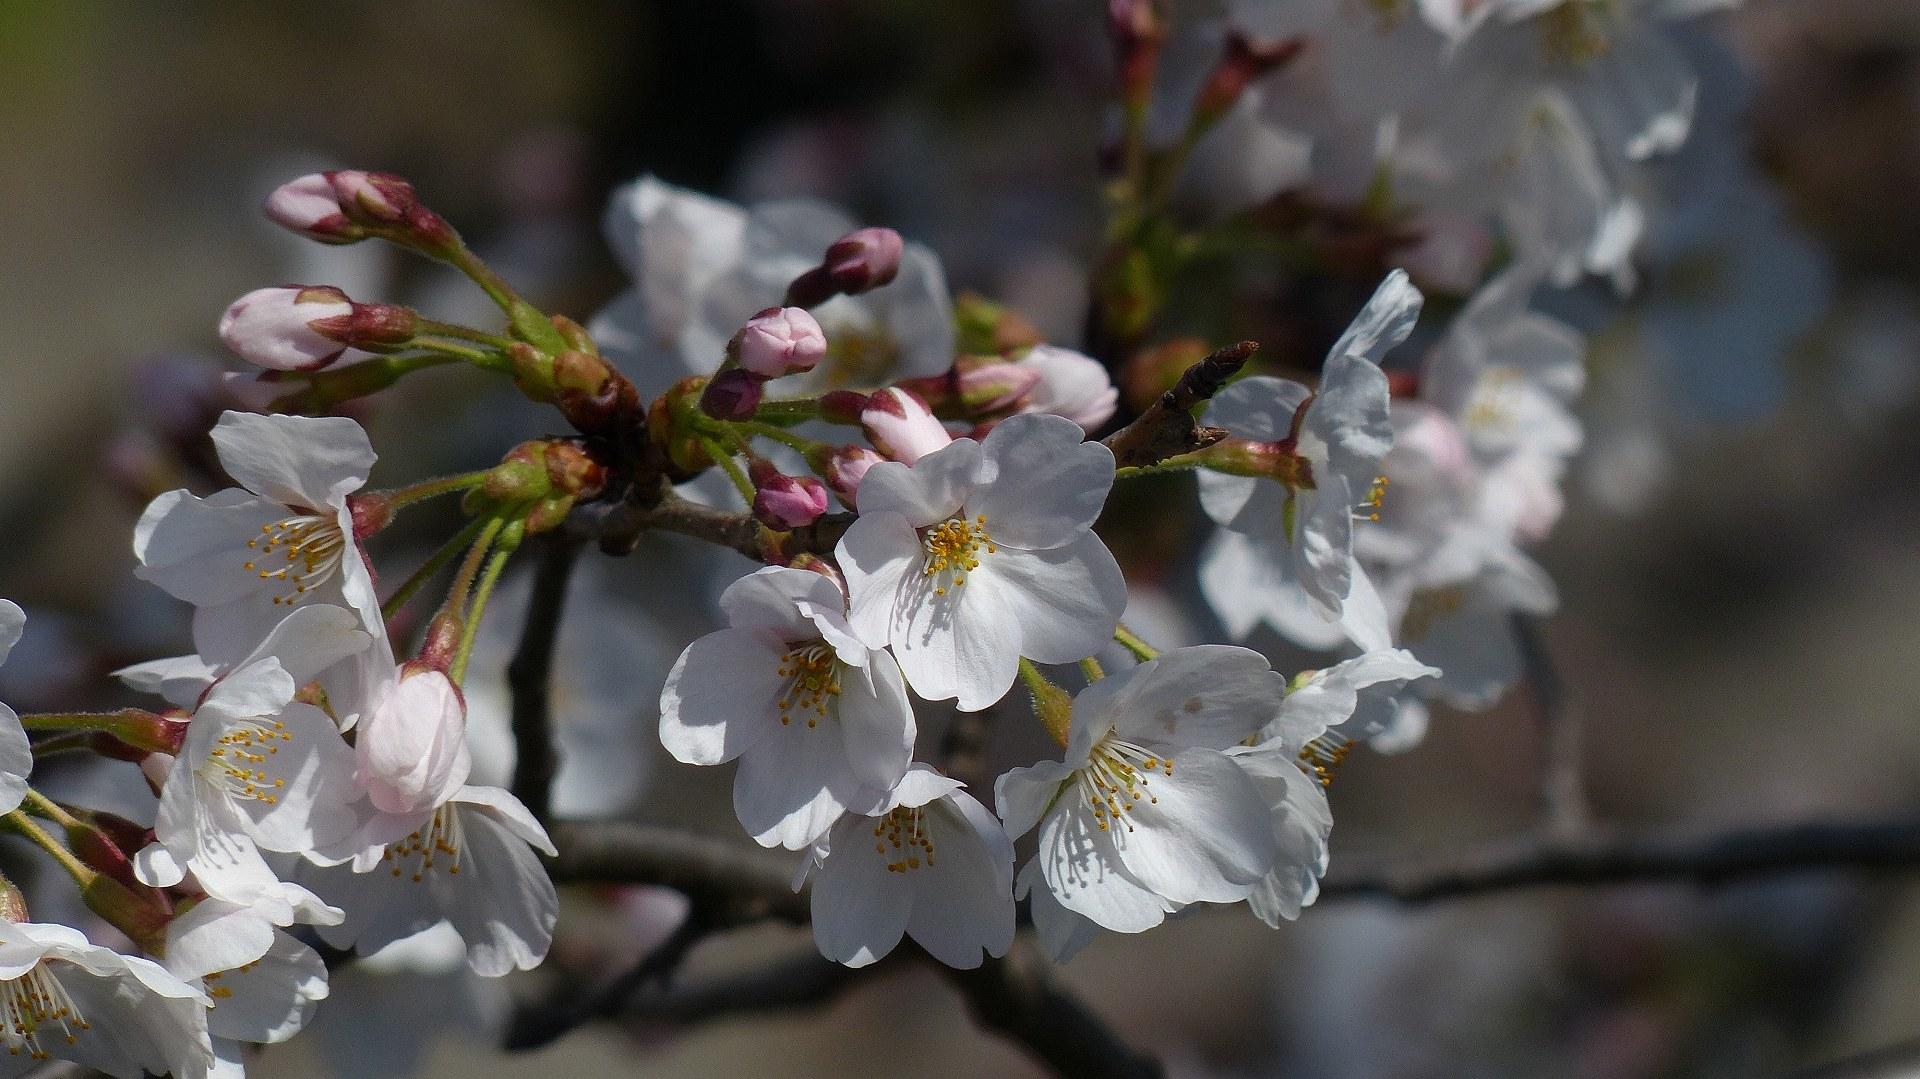 桜の便りに誘われて 【 2018 3/25(日) 】_a0185081_15312113.jpg